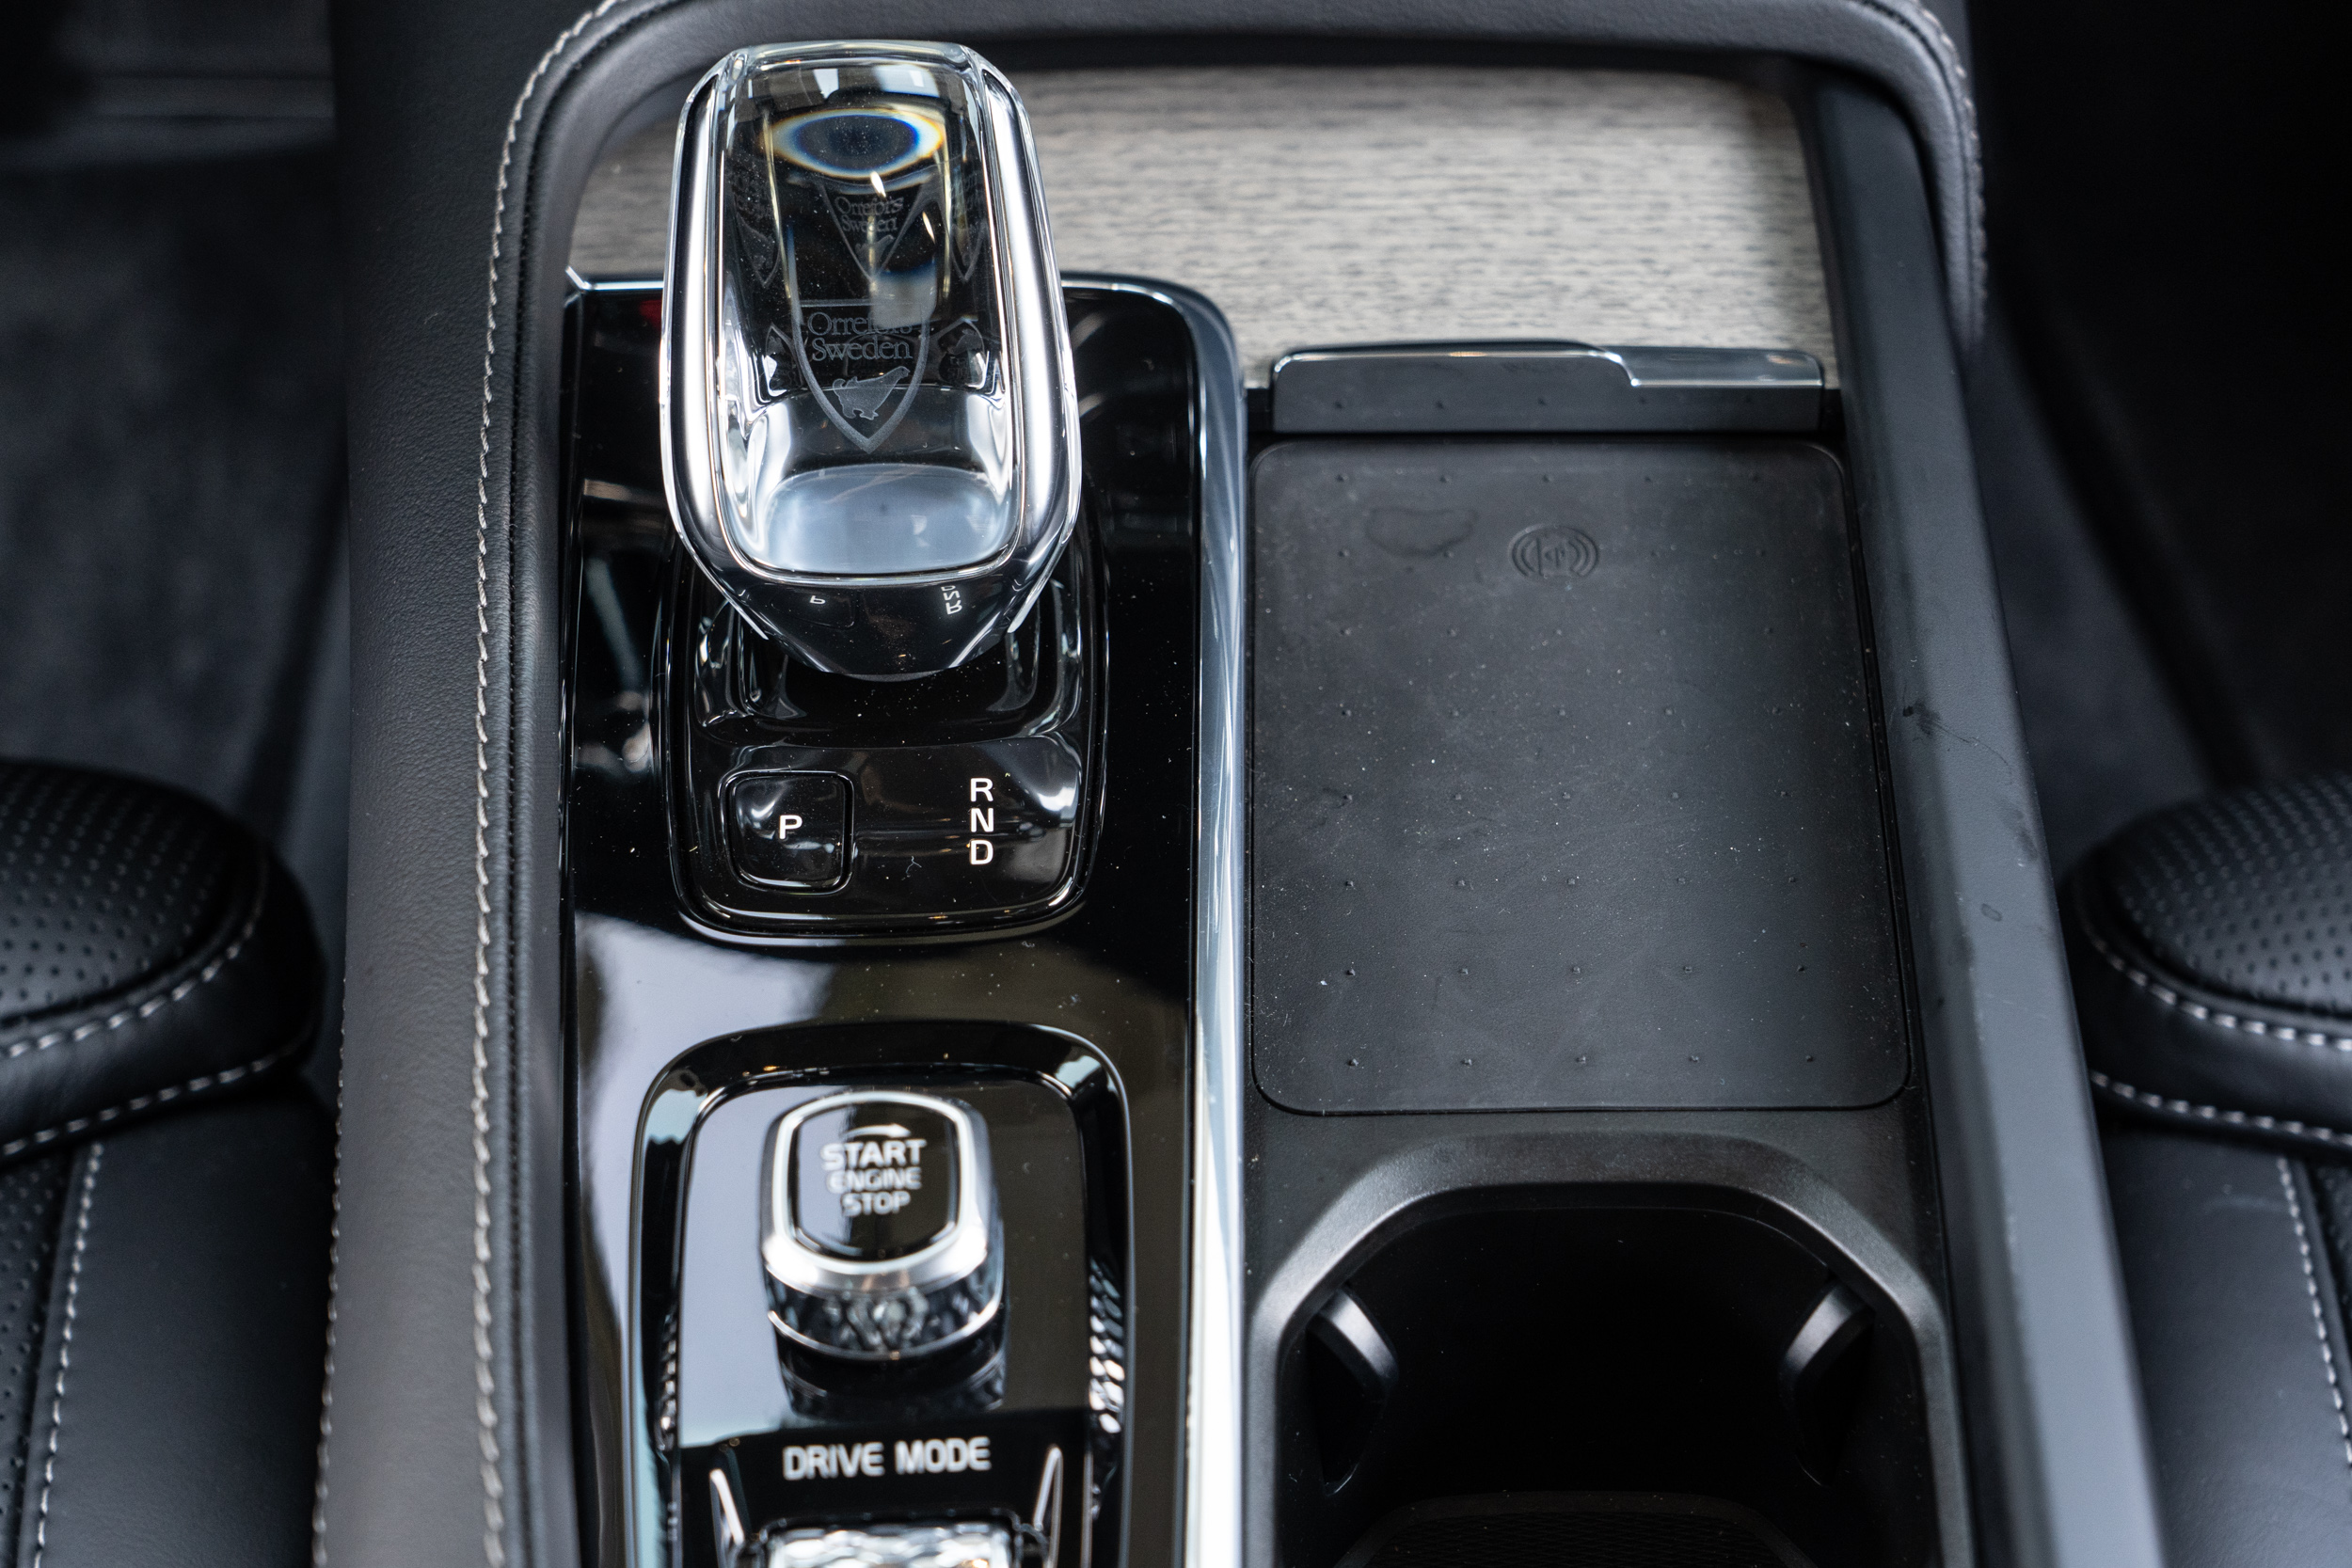 排檔座右側為無線充電板。